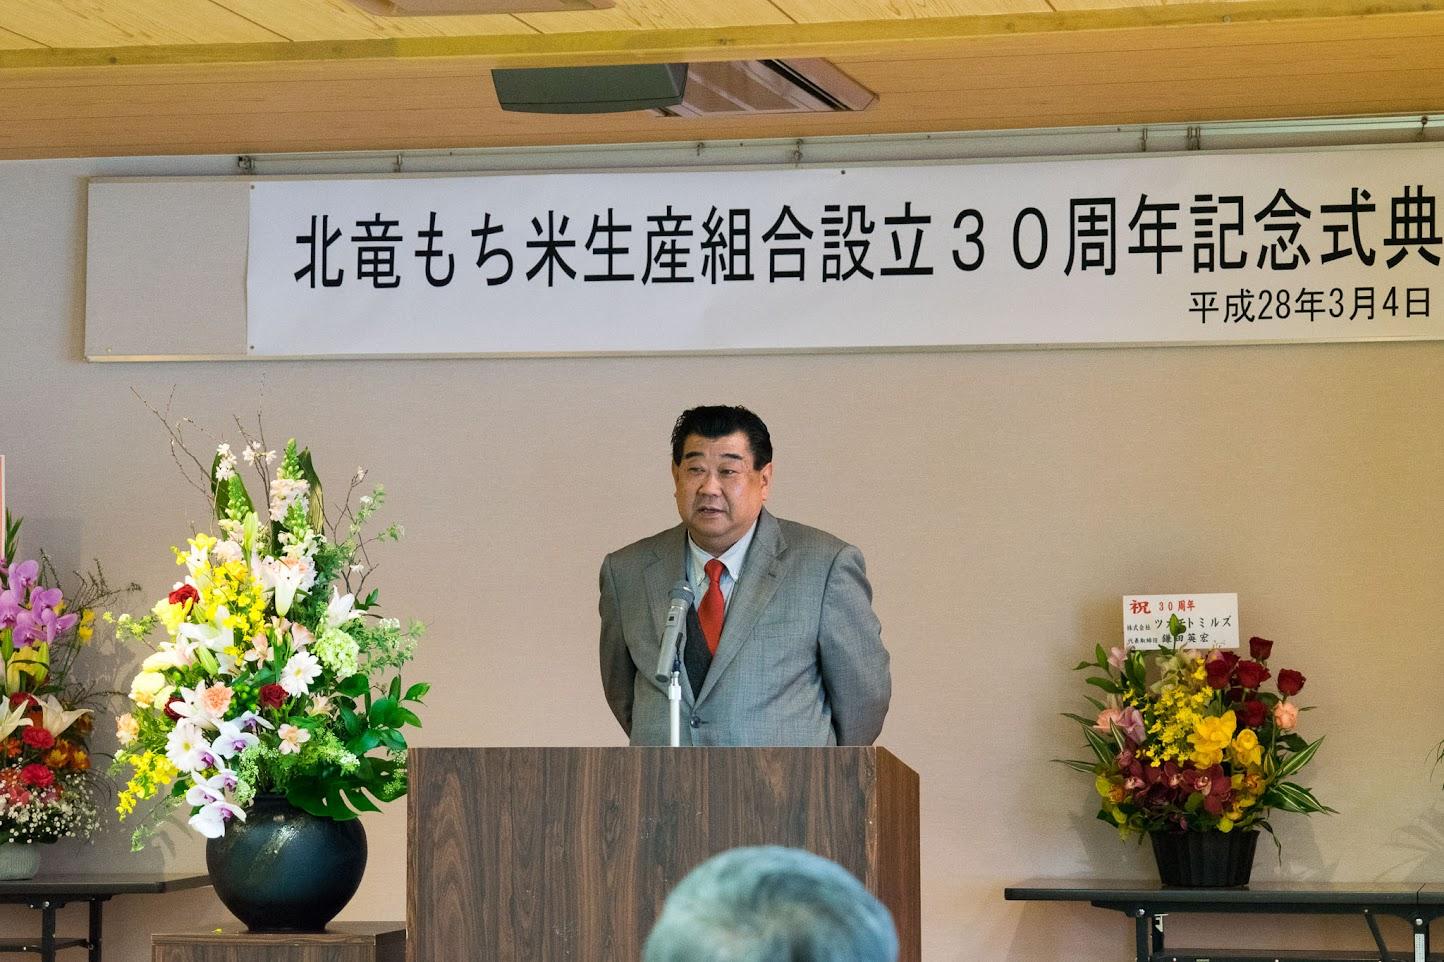 株式会社ツカモトミルズ・鎌田英宏 代表取締役社長